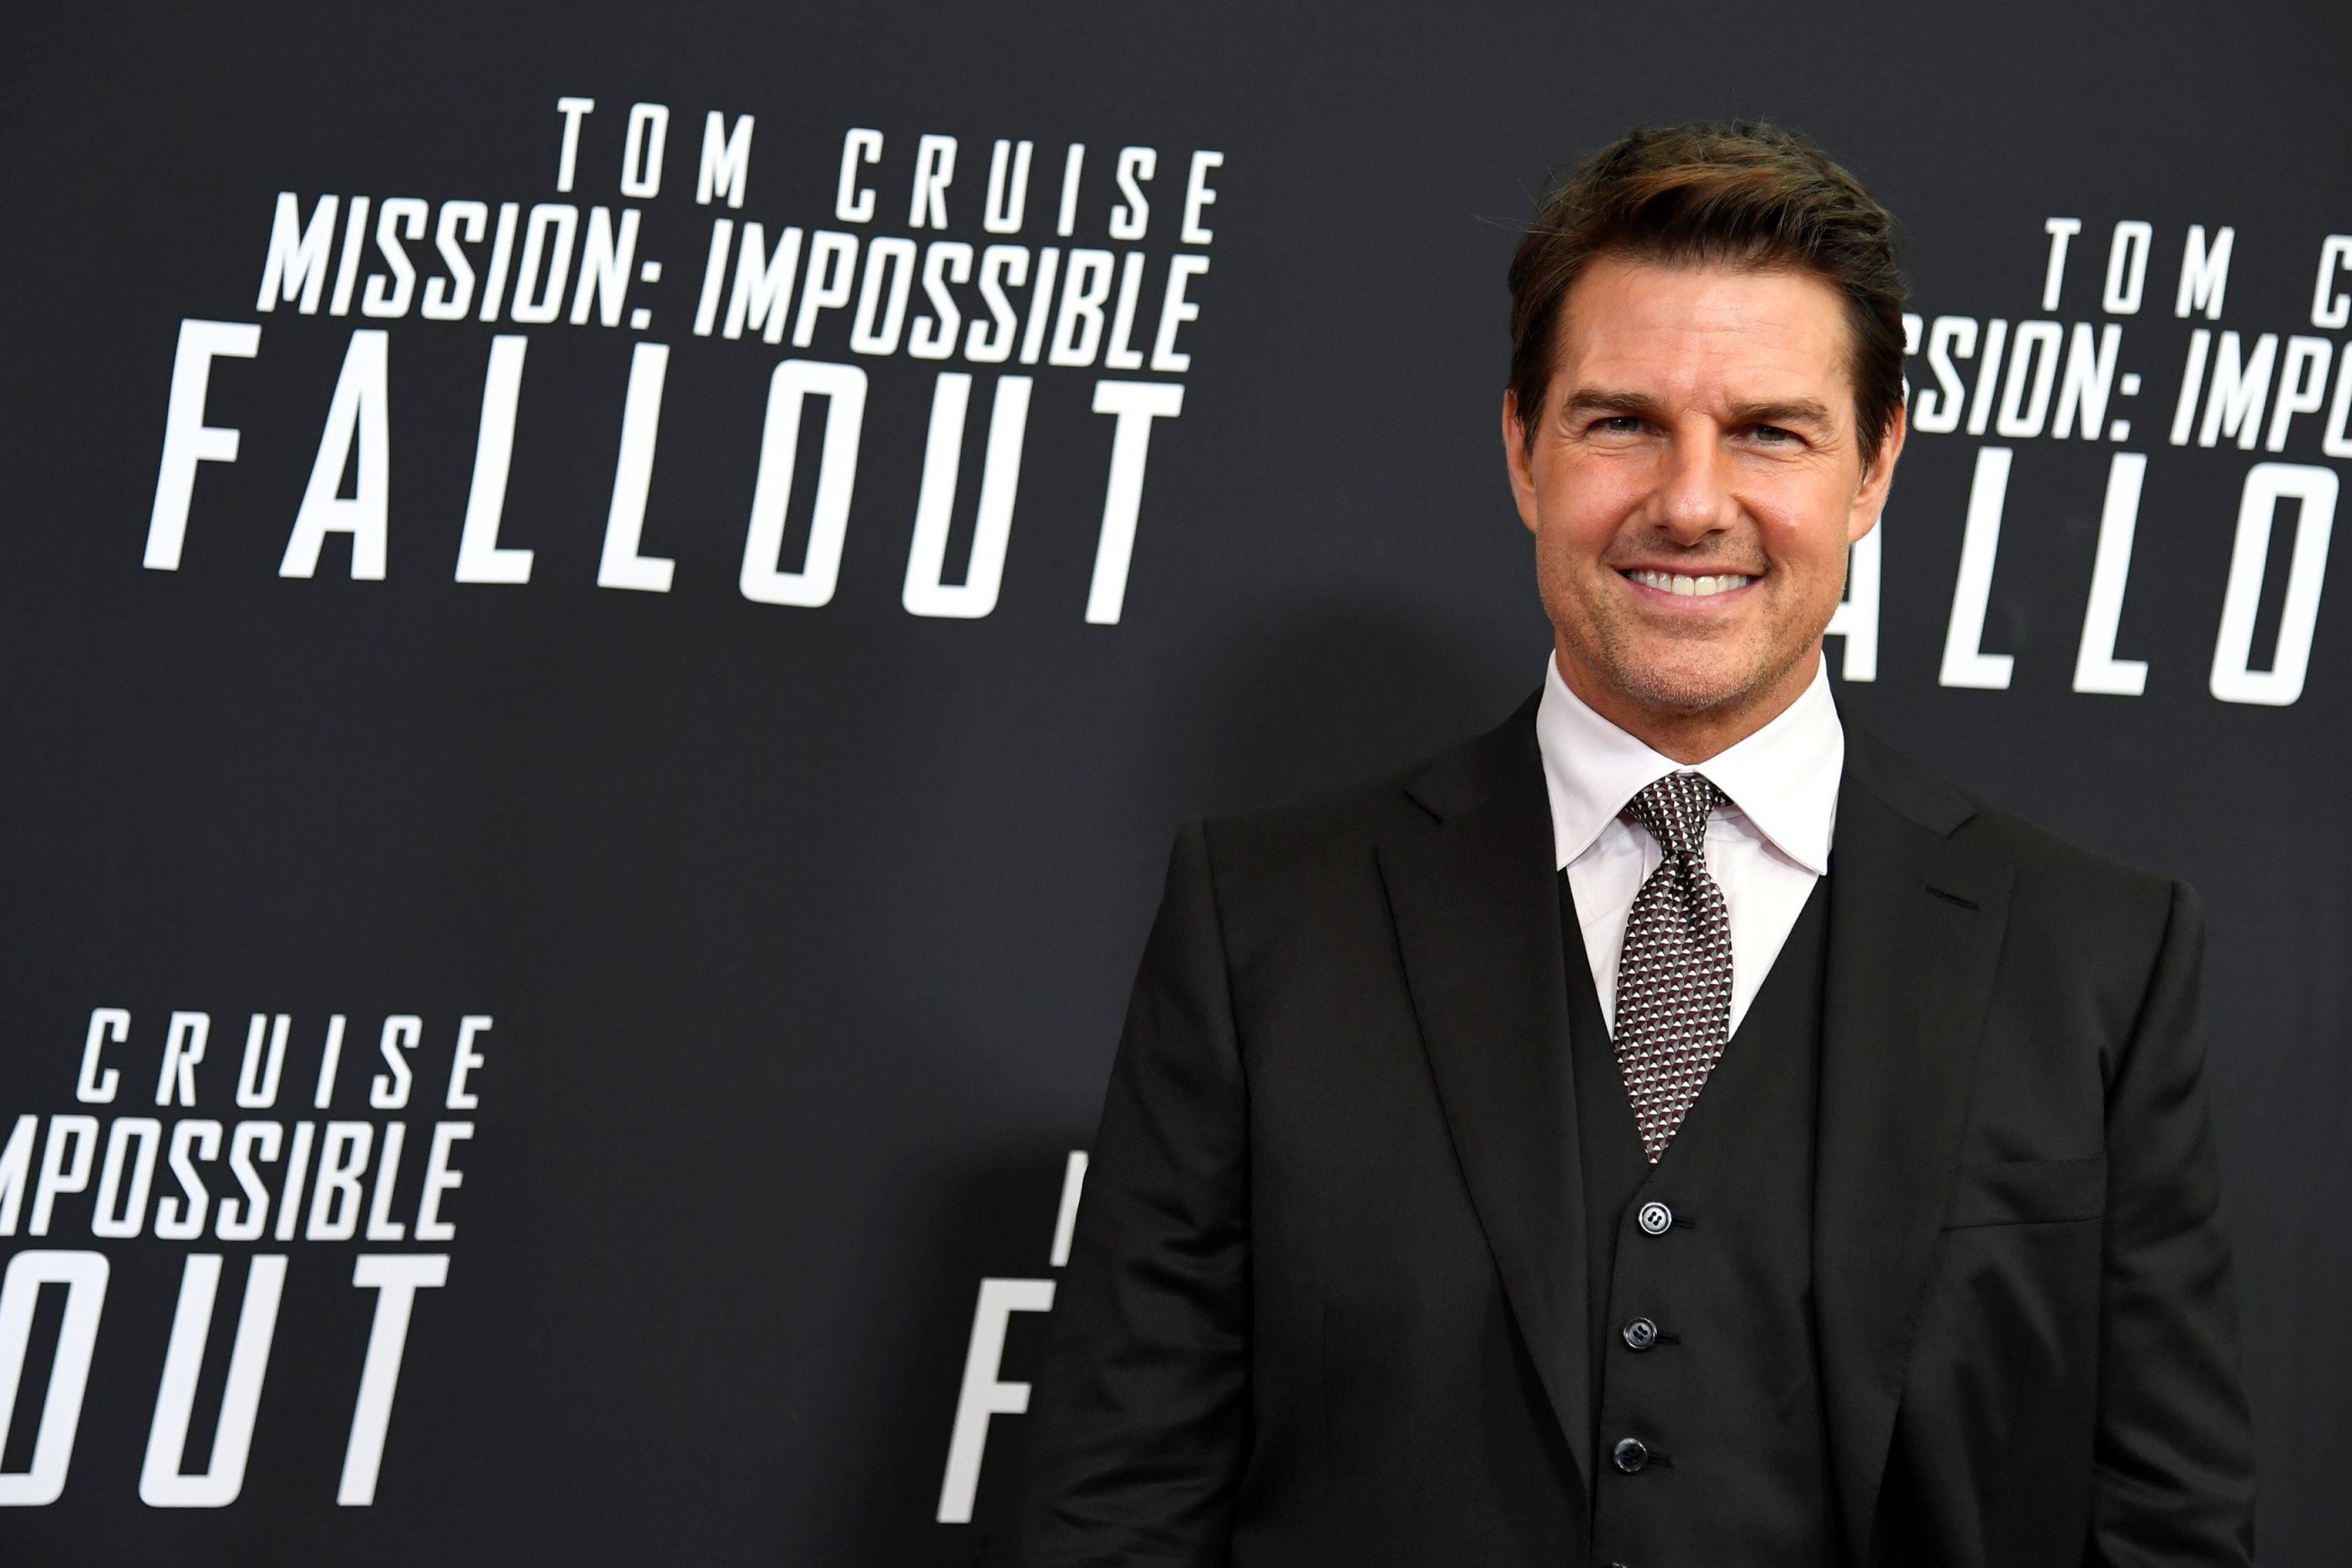 Casamentos? Tom Cruise não quer ouvir falar de tal coisa